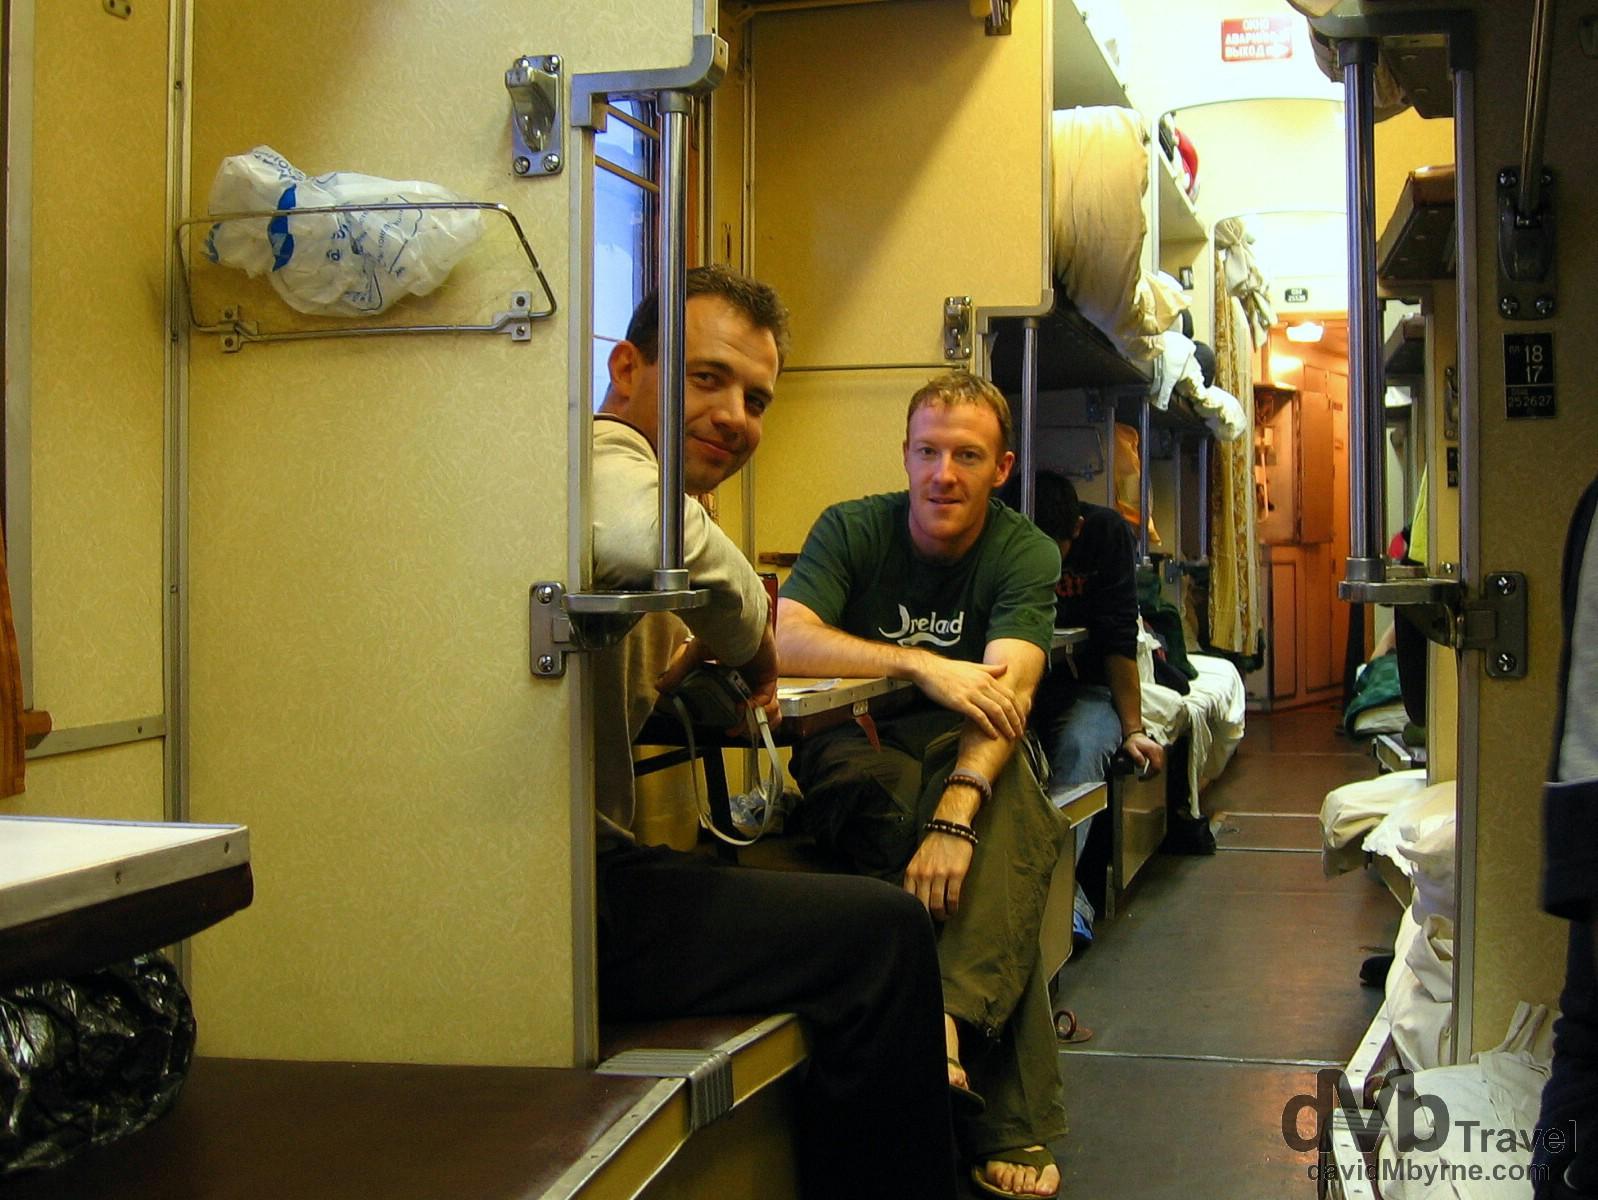 Trans-Siberian buddies en route from Irkutsk to Tyumen, Siberian Russia. February 20, 2006.